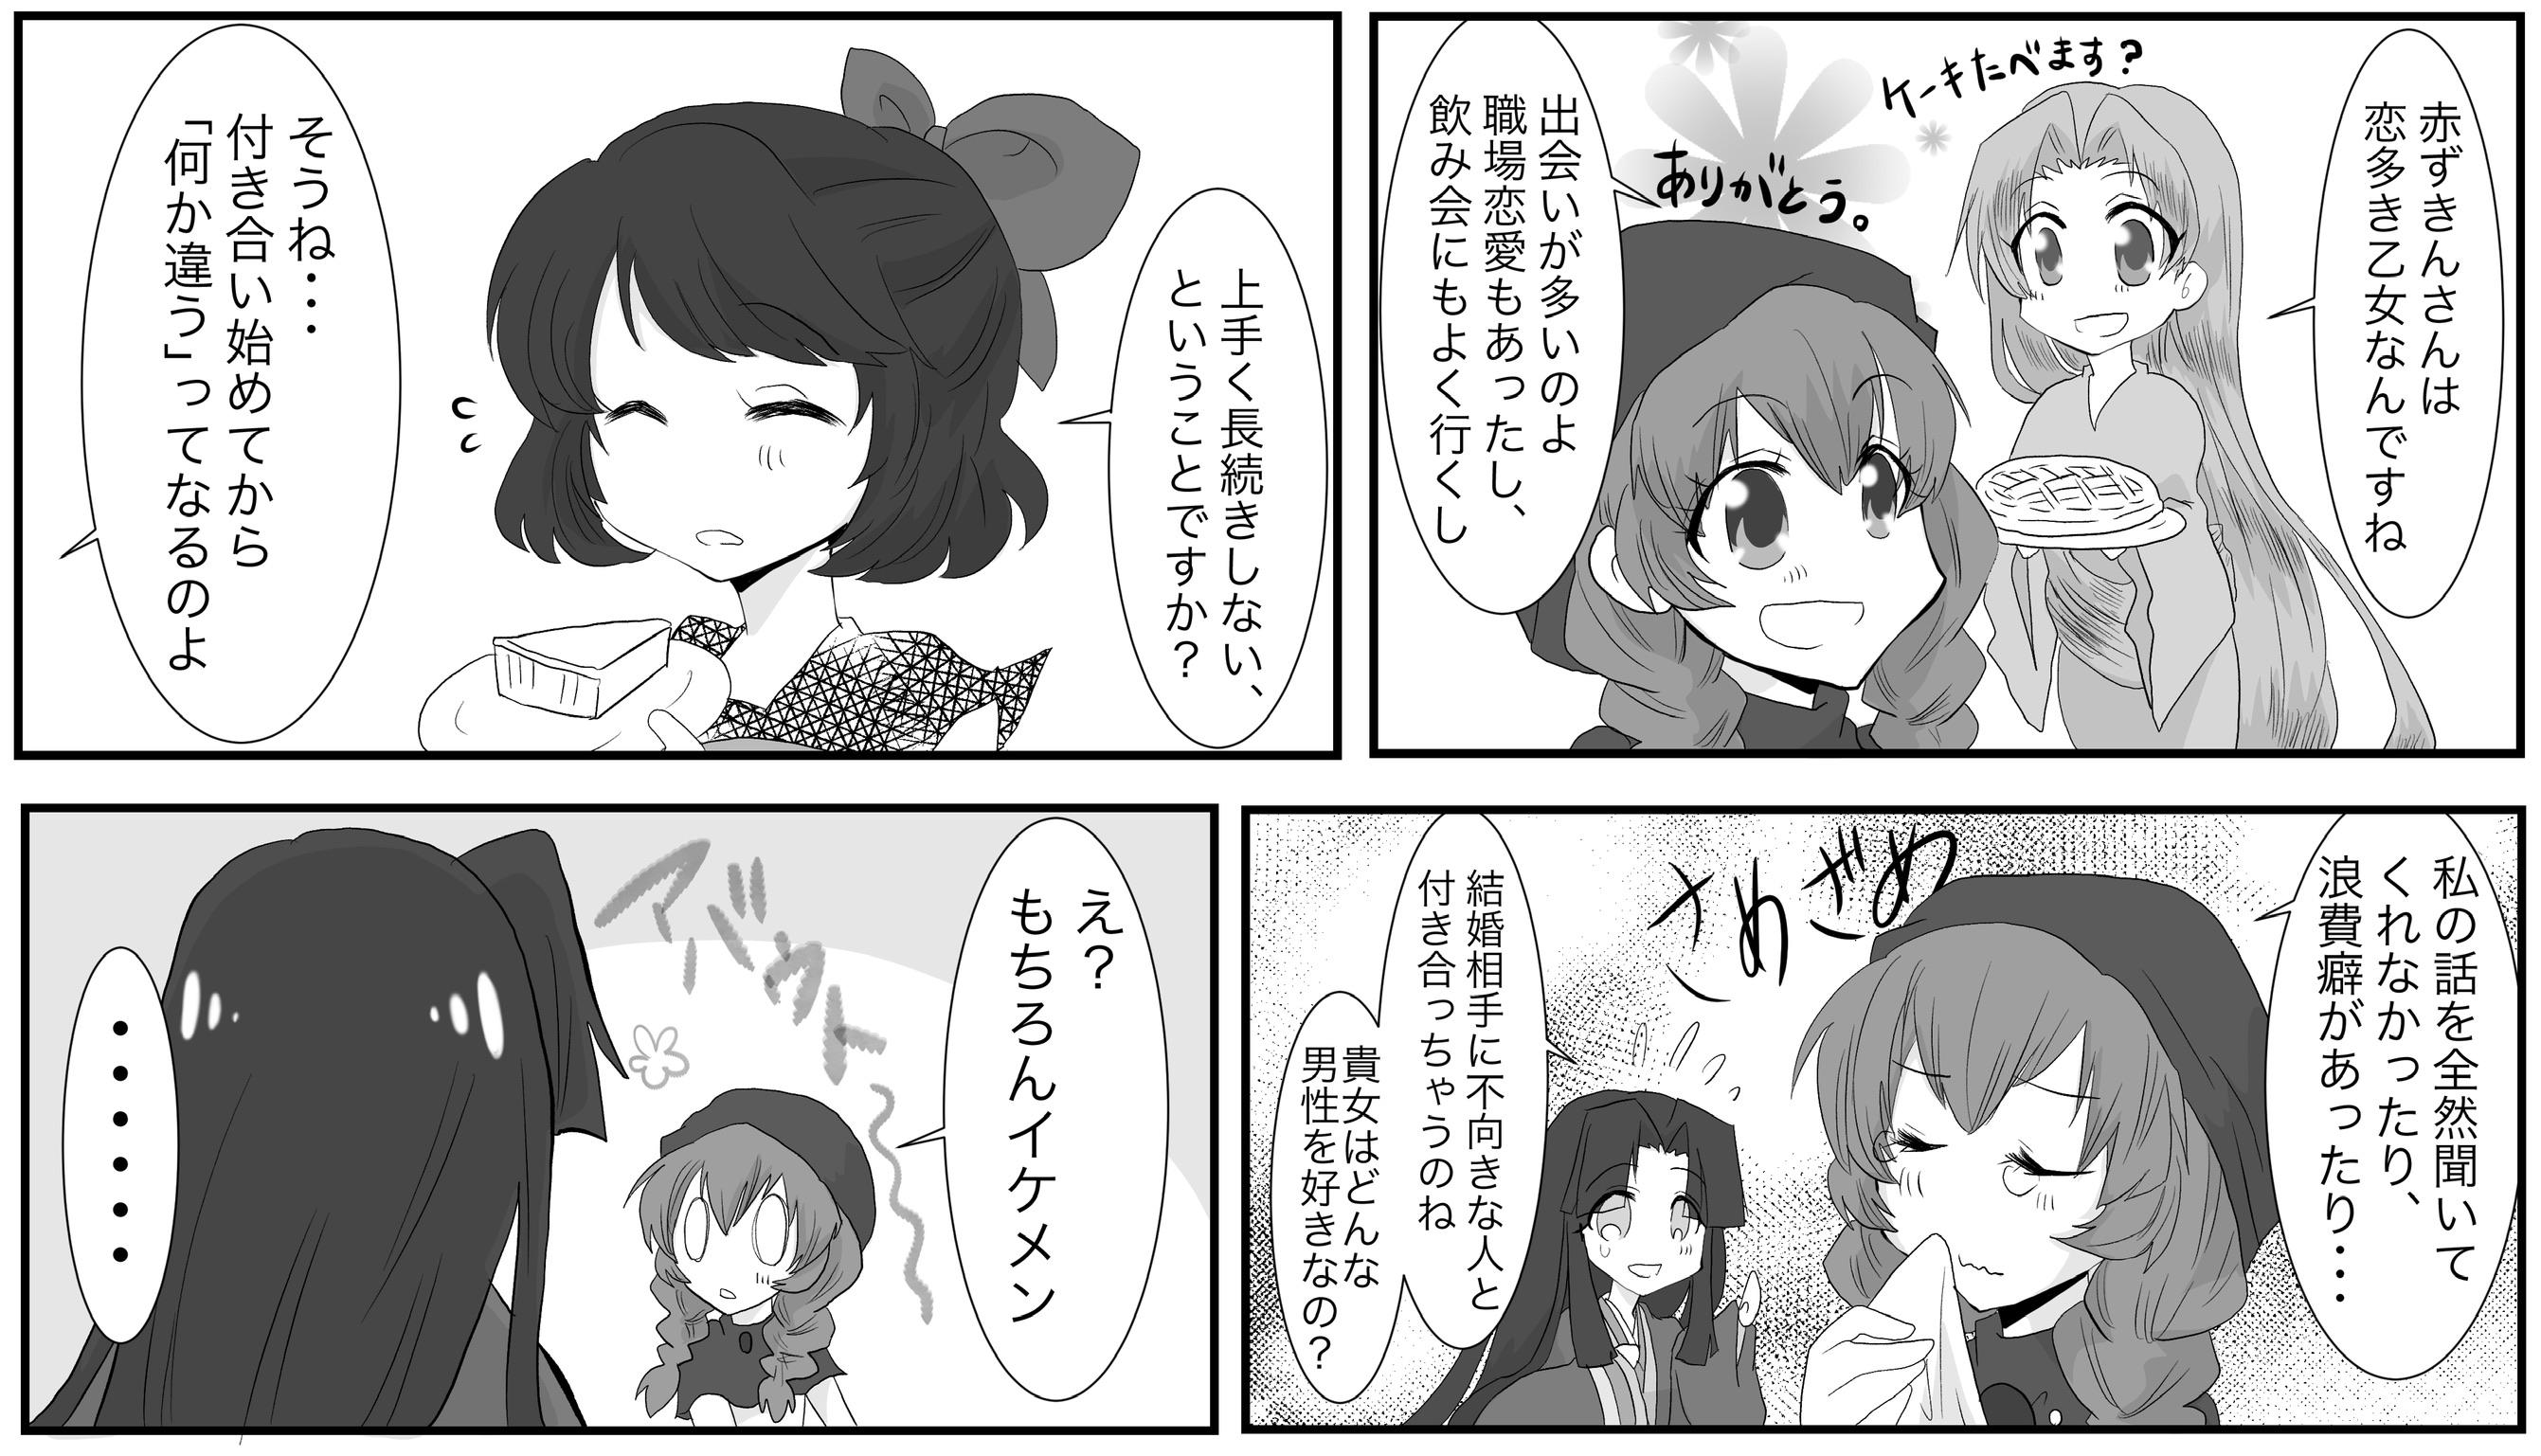 【婚活漫画】結婚までたどりつかない赤ずきん②